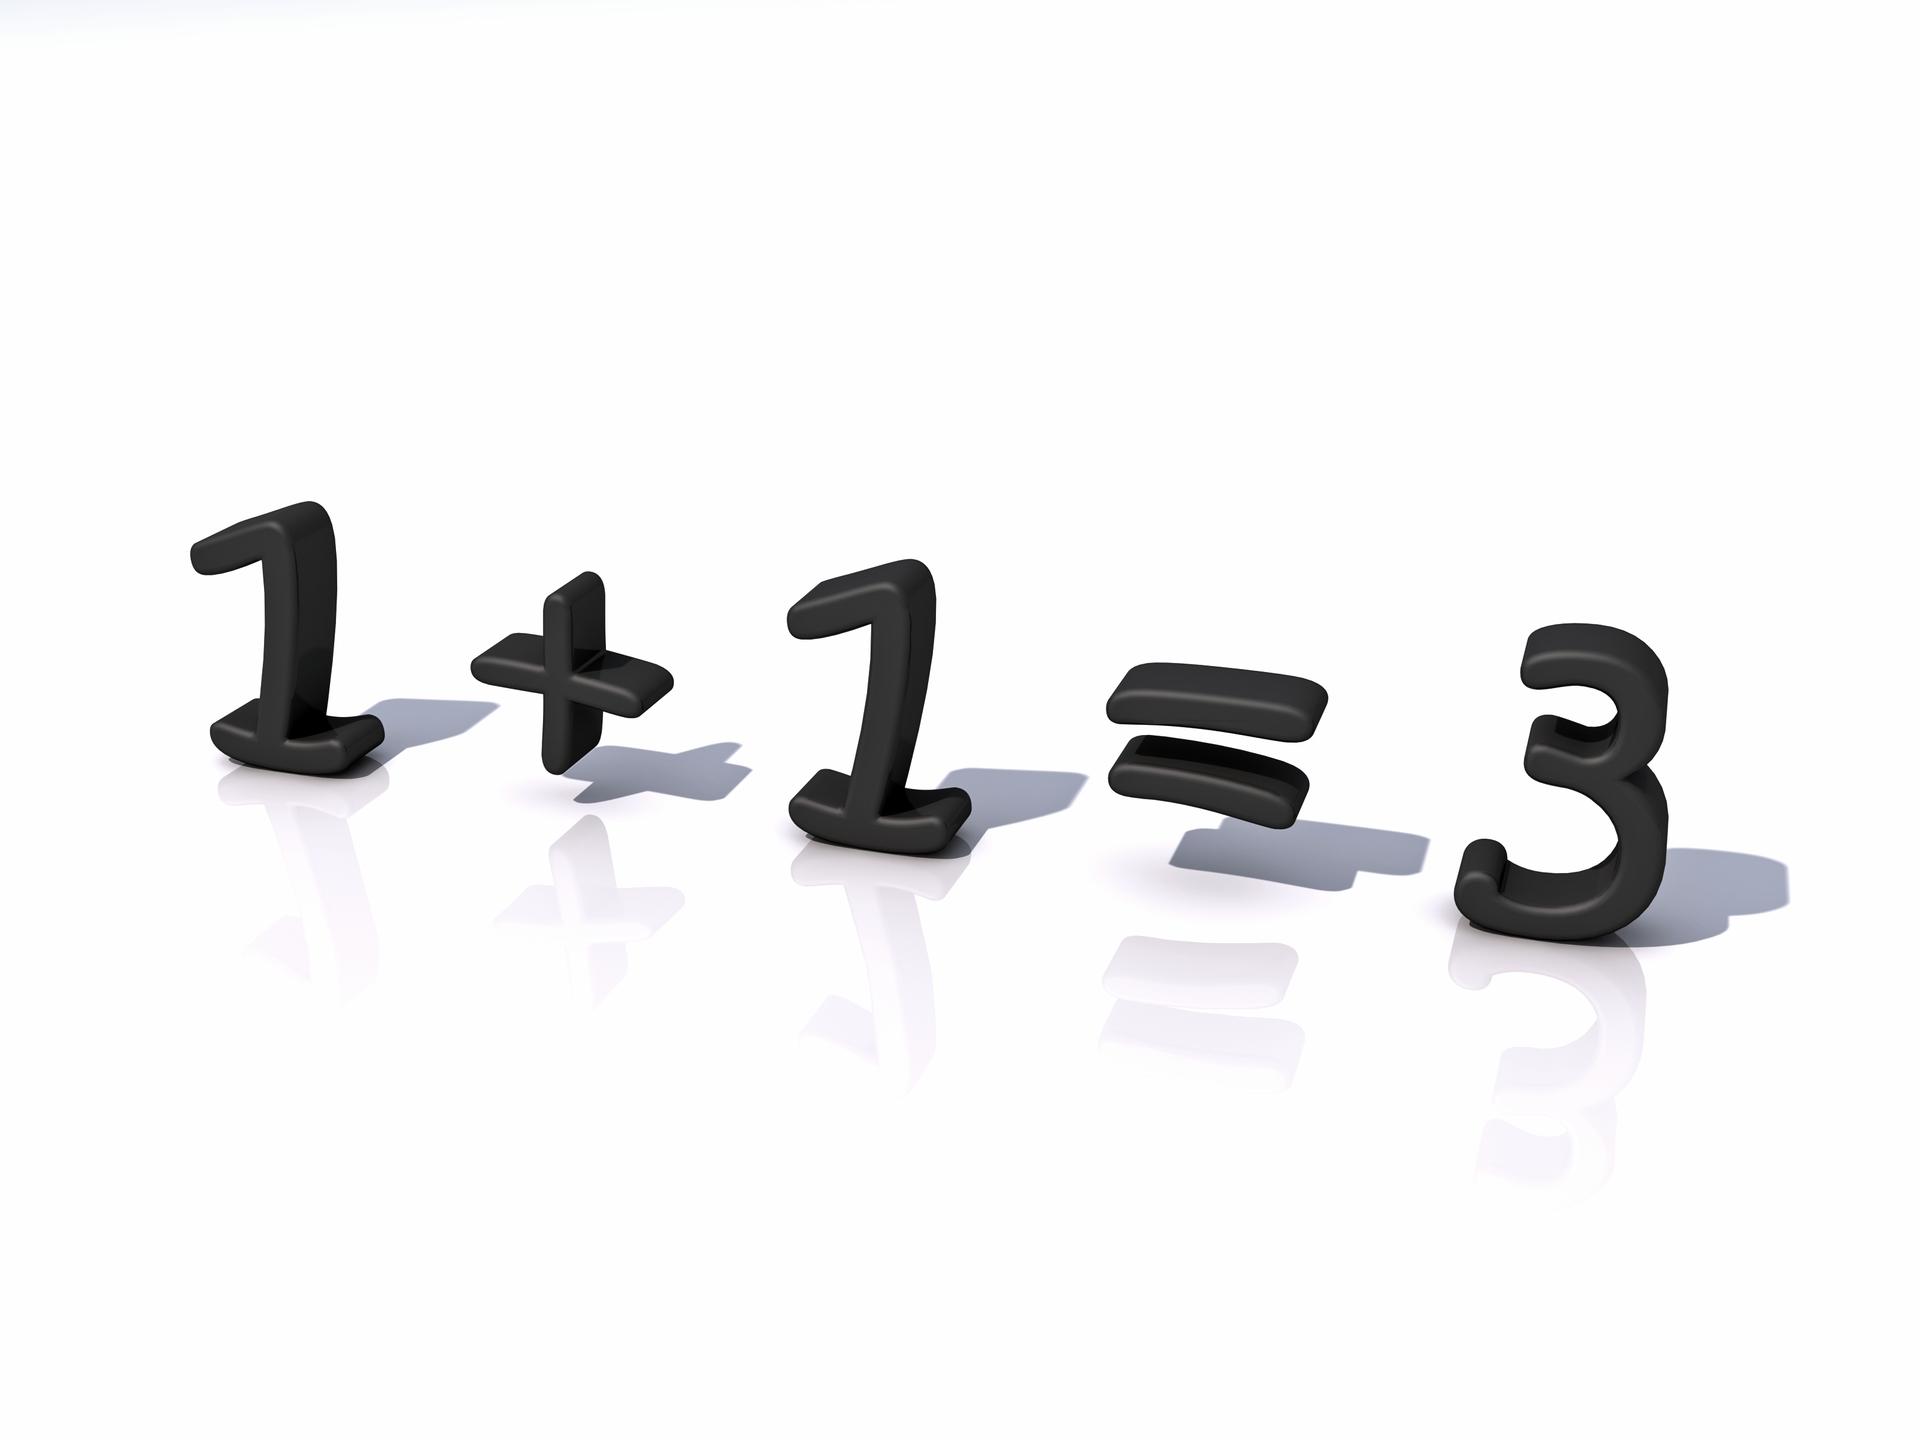 basic-math-57-1306181-1920x1440